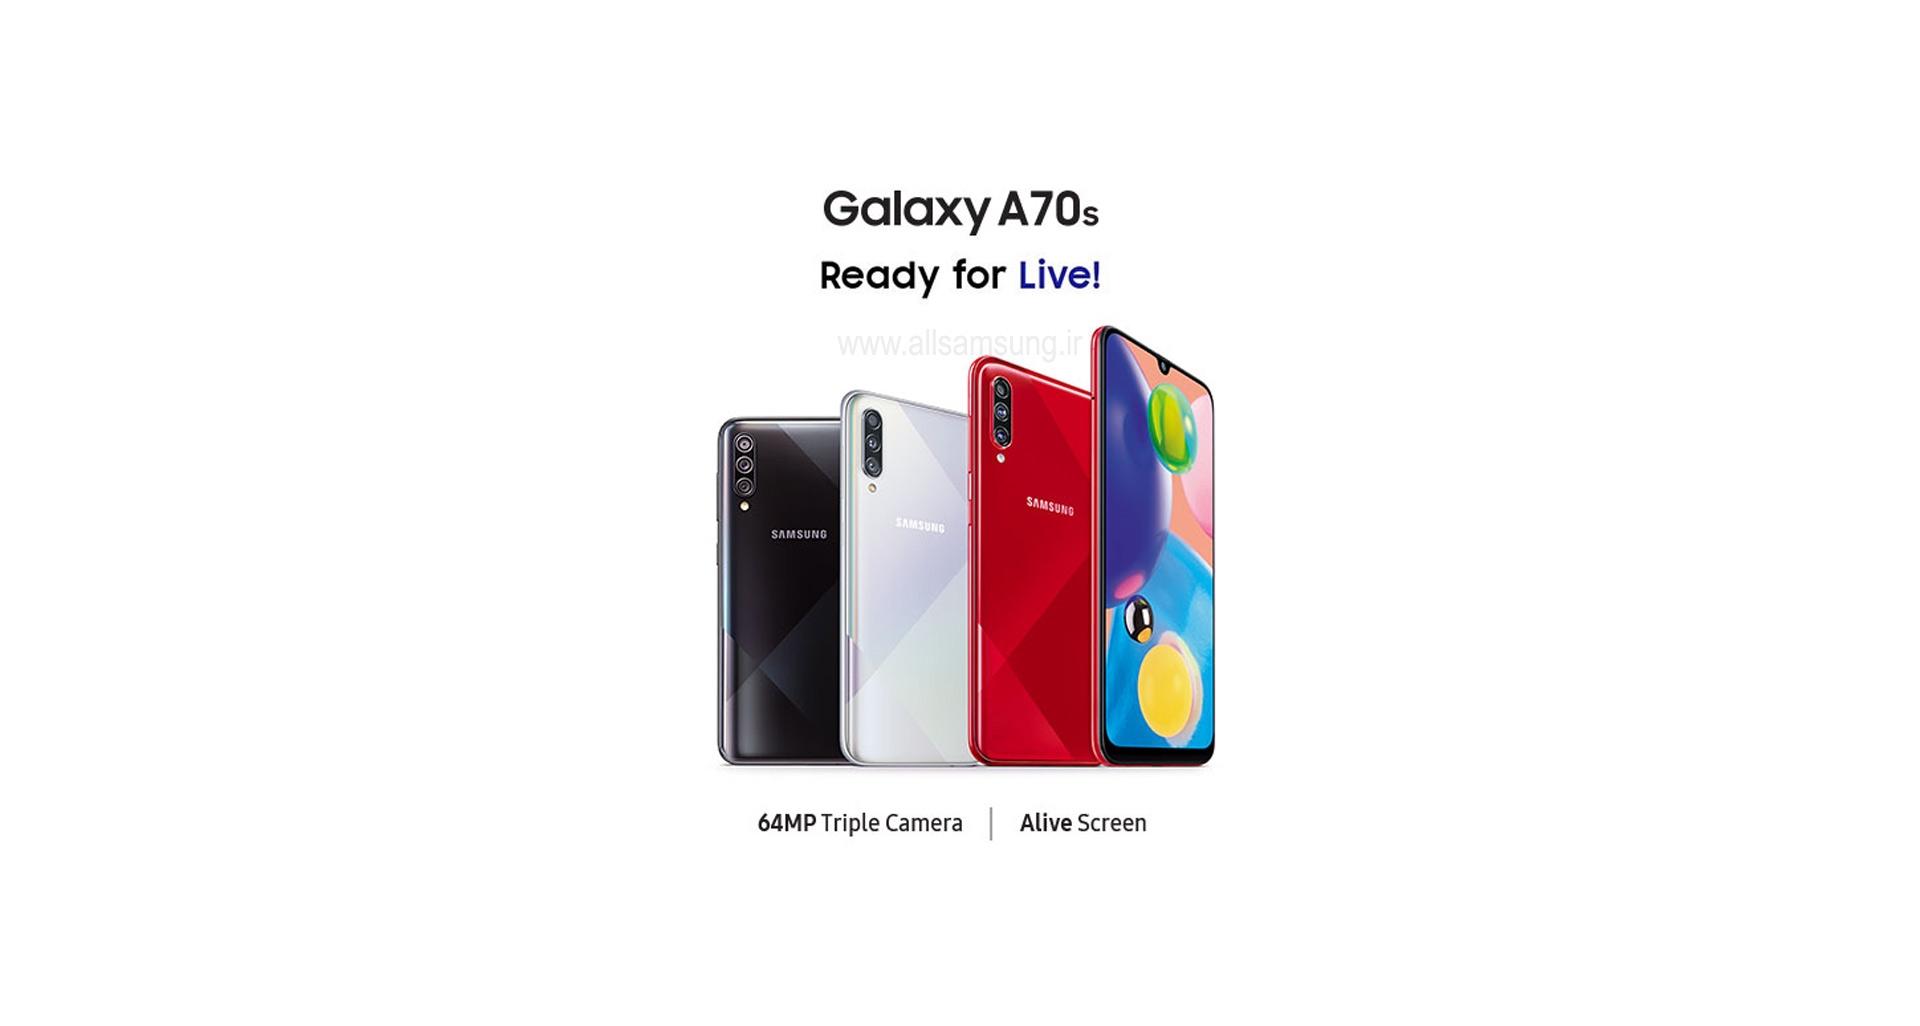 برای لایو گرفتن با گوشی A70s آماده باشید